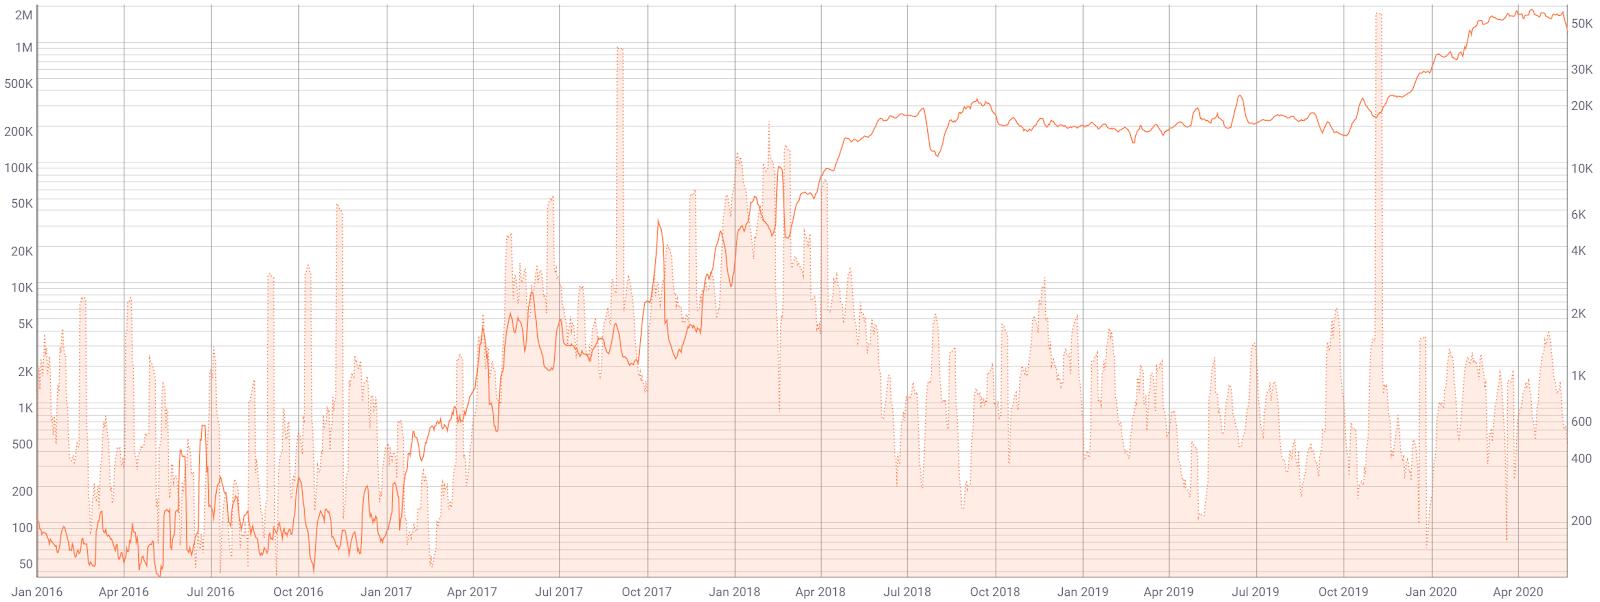 Stellar Price Analysis 25 May 2020 (8)